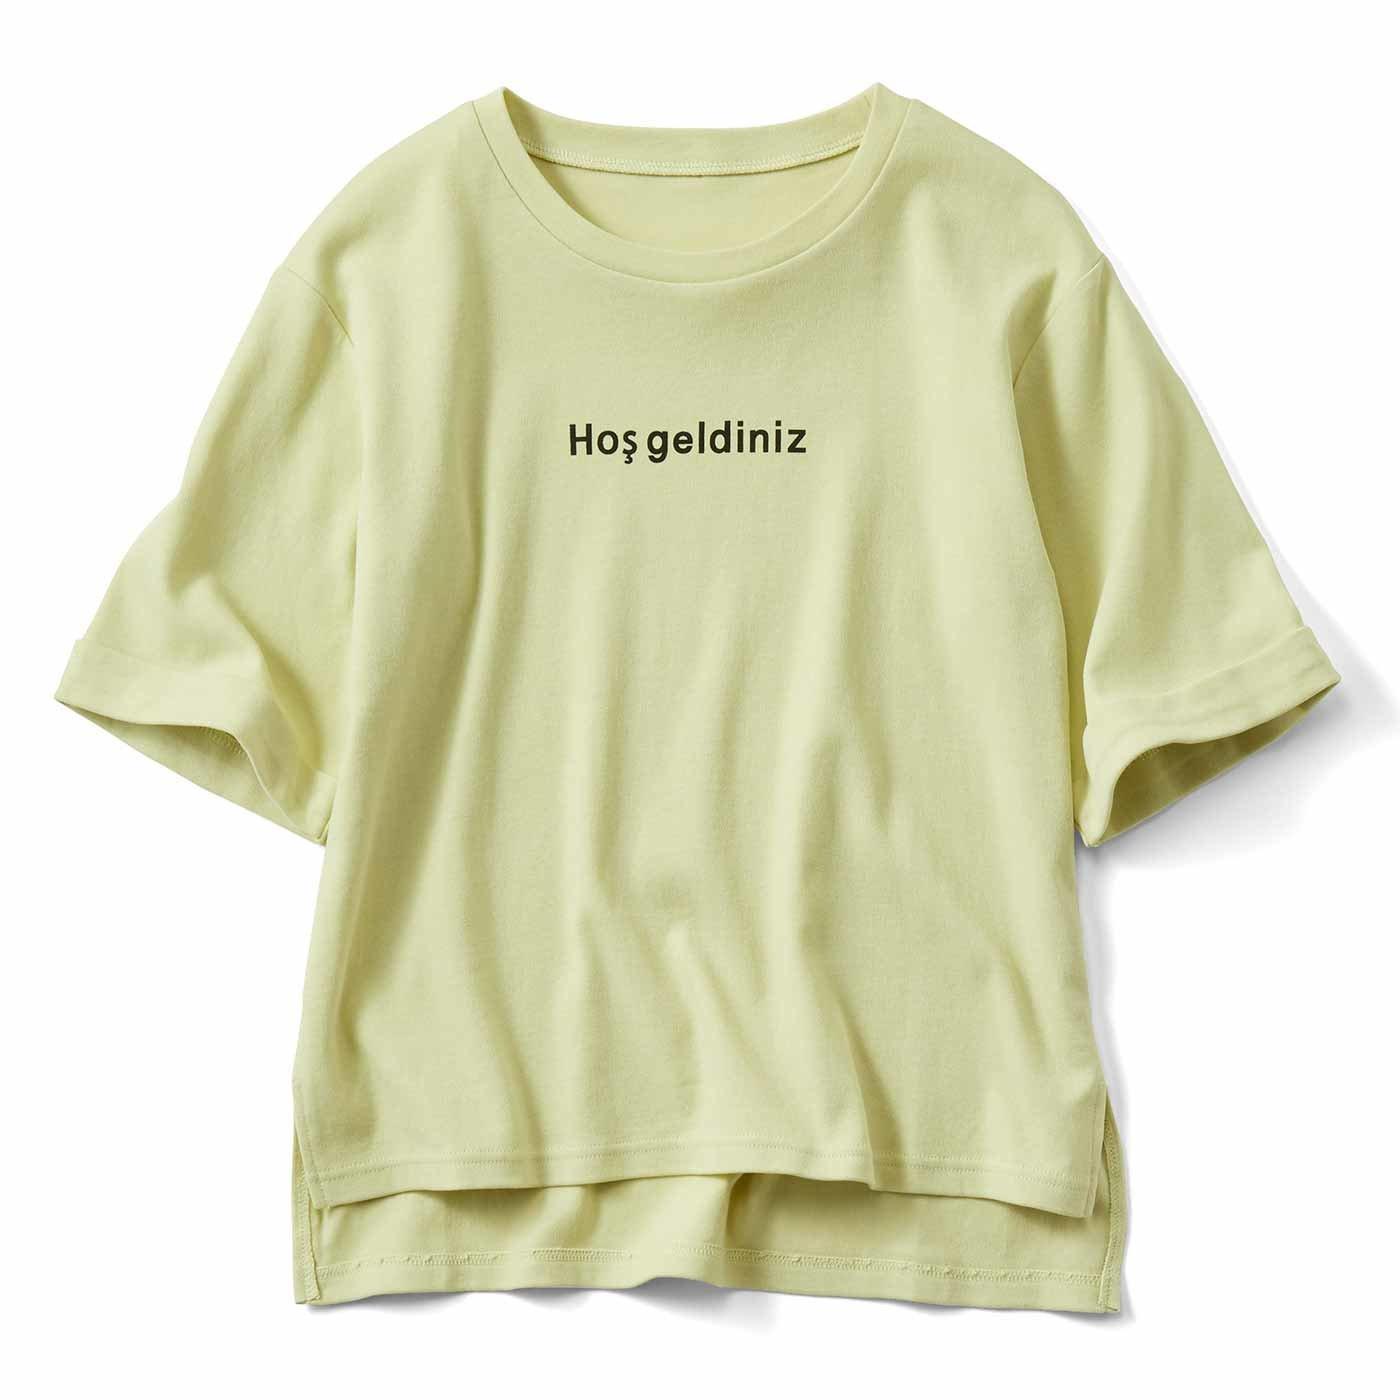 リブ イン コンフォート さらっとした手ざわりがやみつきの五分袖コットンロゴTシャツ〈Hoş geldiniz「ようこそ」〉